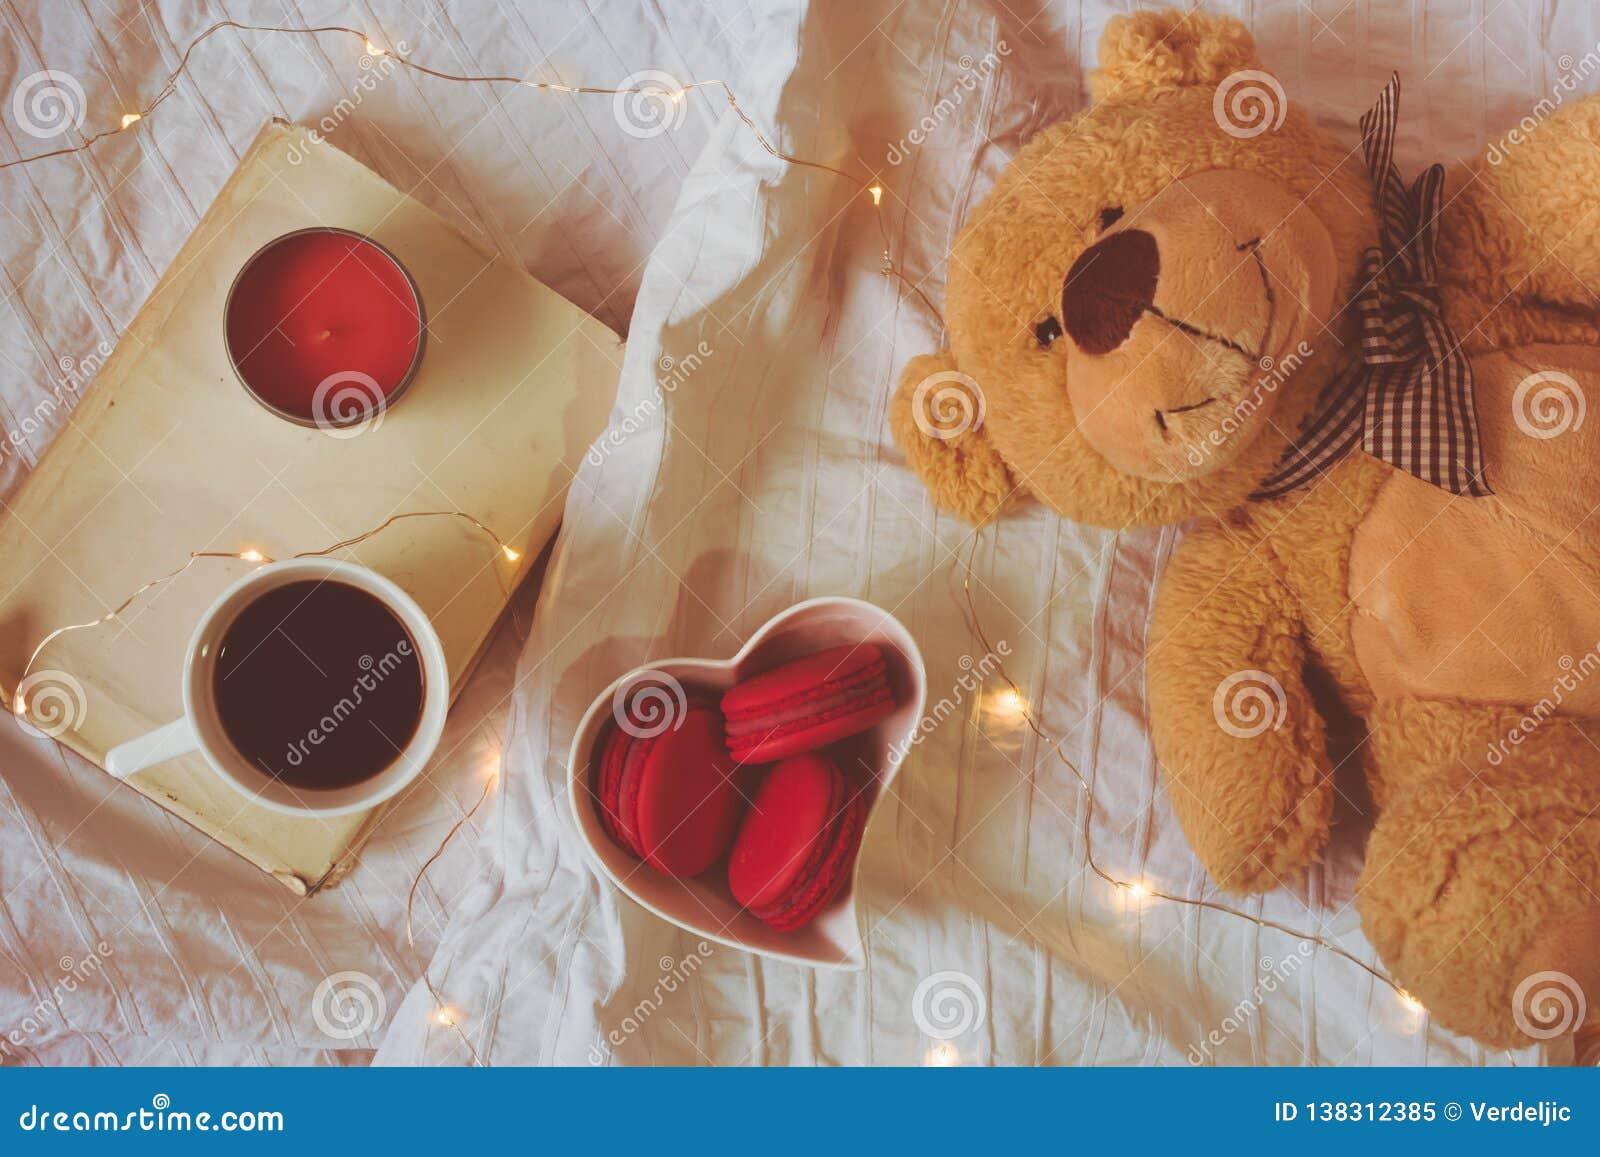 Взгляд сверху красных или розовых macarons в сердце сформировал шар, кофе, книгу, свечу и плюшевый мишку